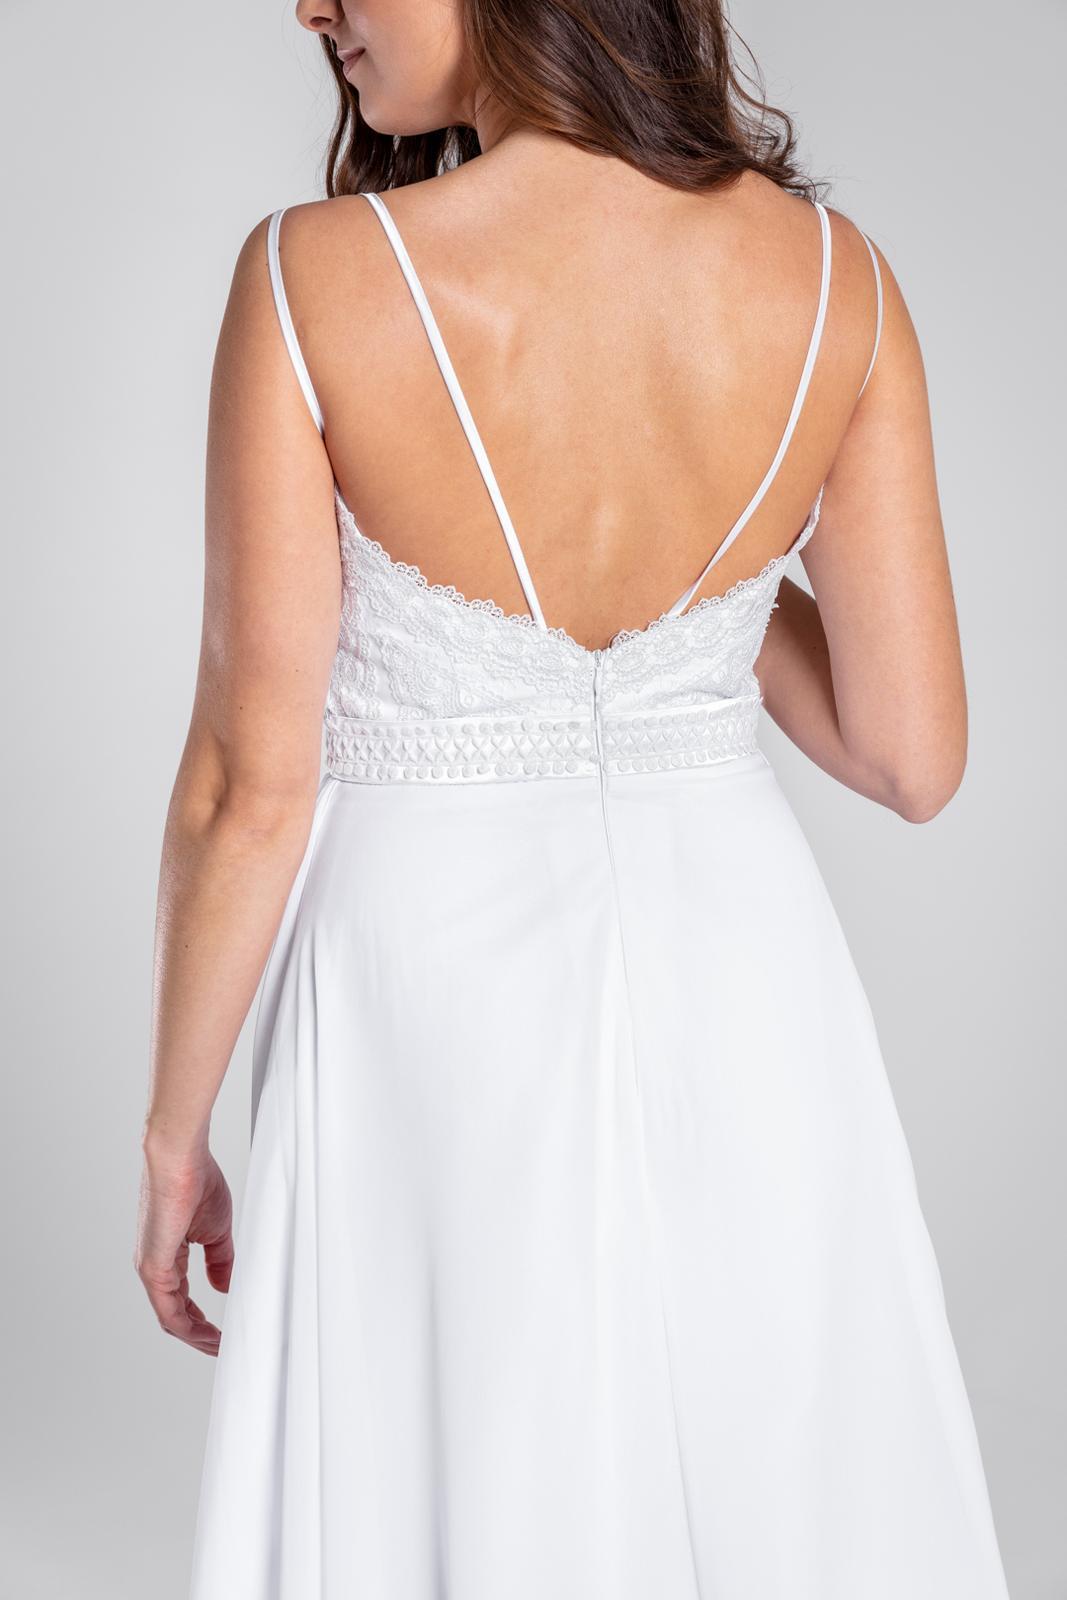 Úžasné svatební šaty s krajkou a rozparkem, 36, 40 - Obrázek č. 4